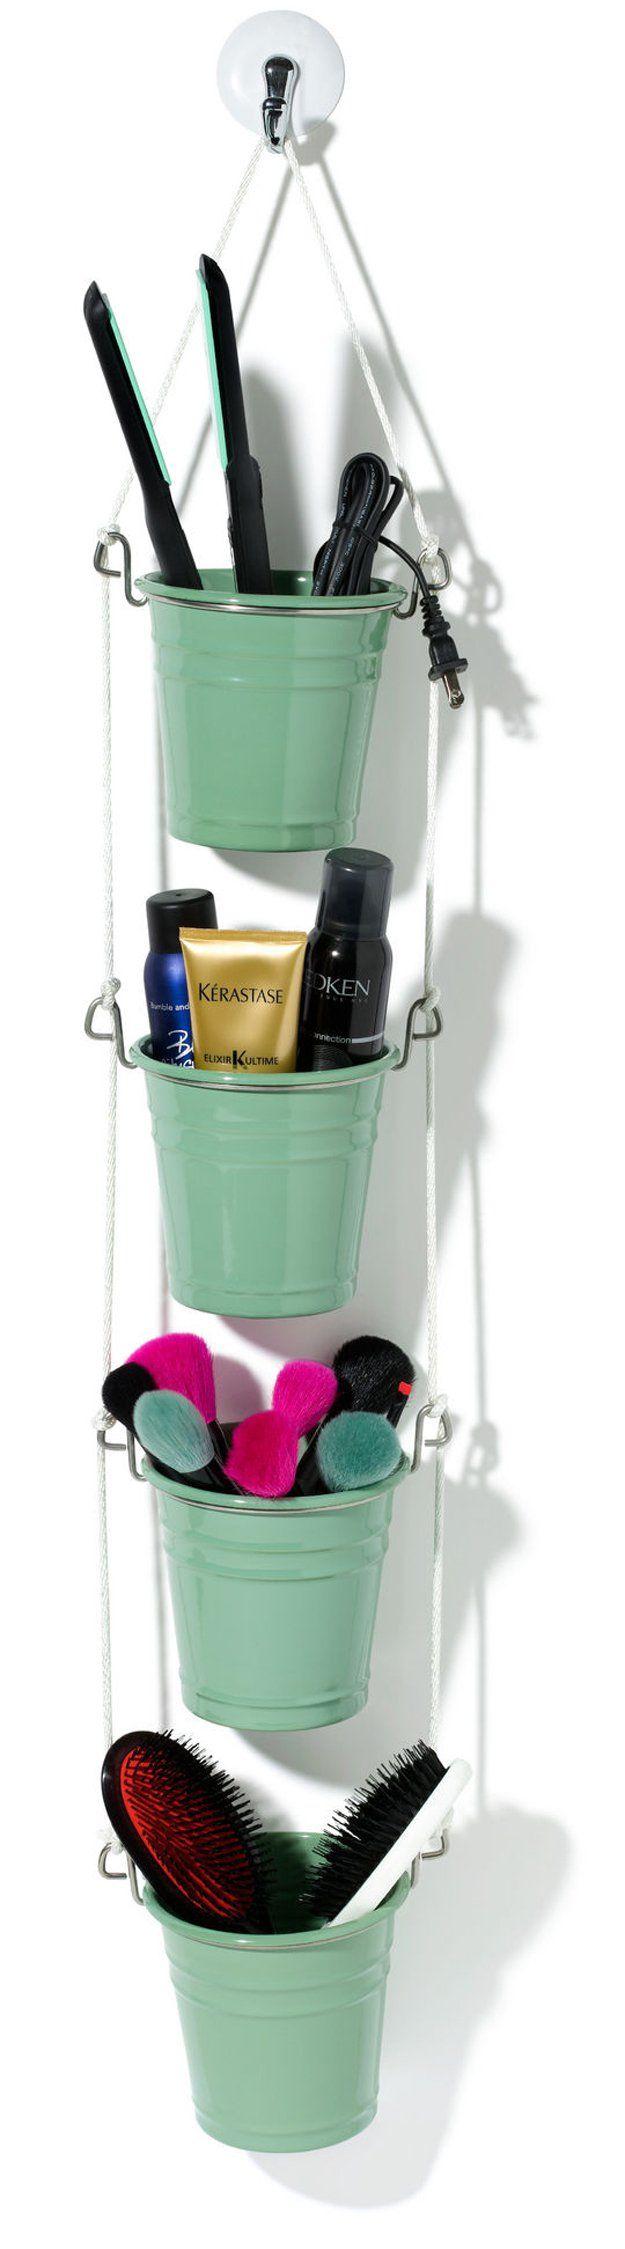 Fácil y creativo Organizador de baño para niñas | http://artesaniasdebricolaje.ru/organization-hacks-bathroom-storage-ideas/